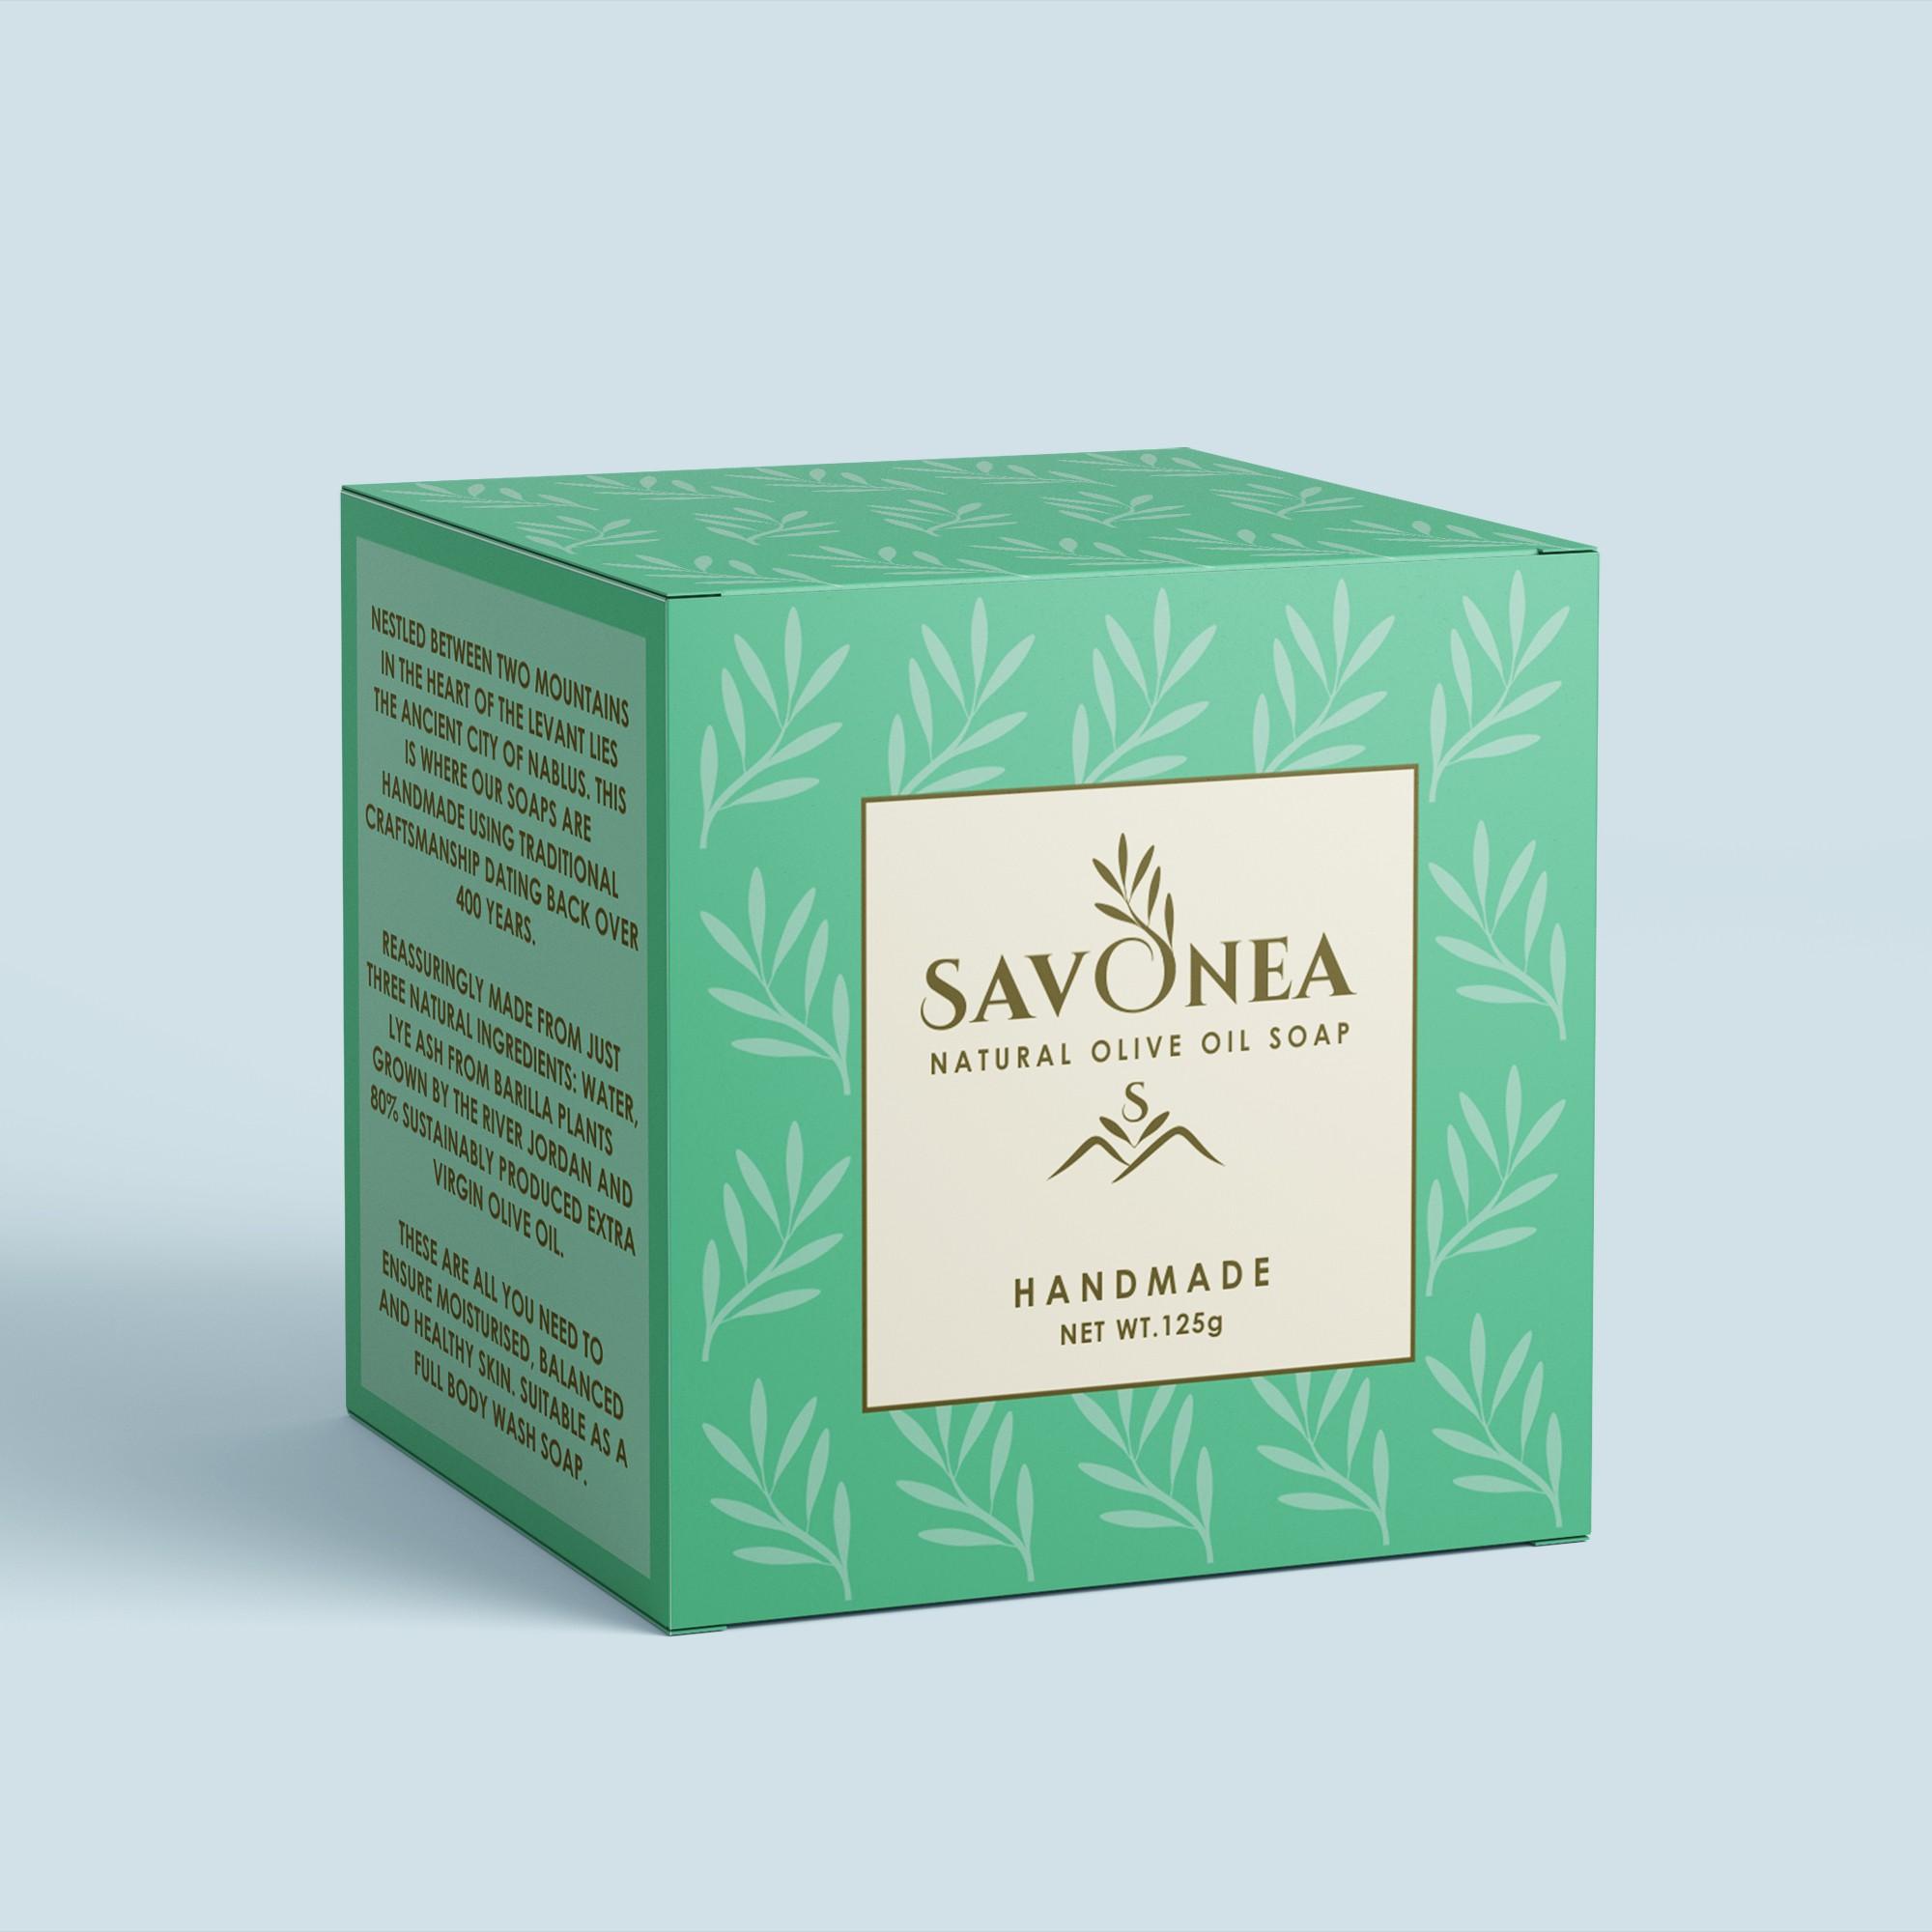 Logo for natural olive oil soap